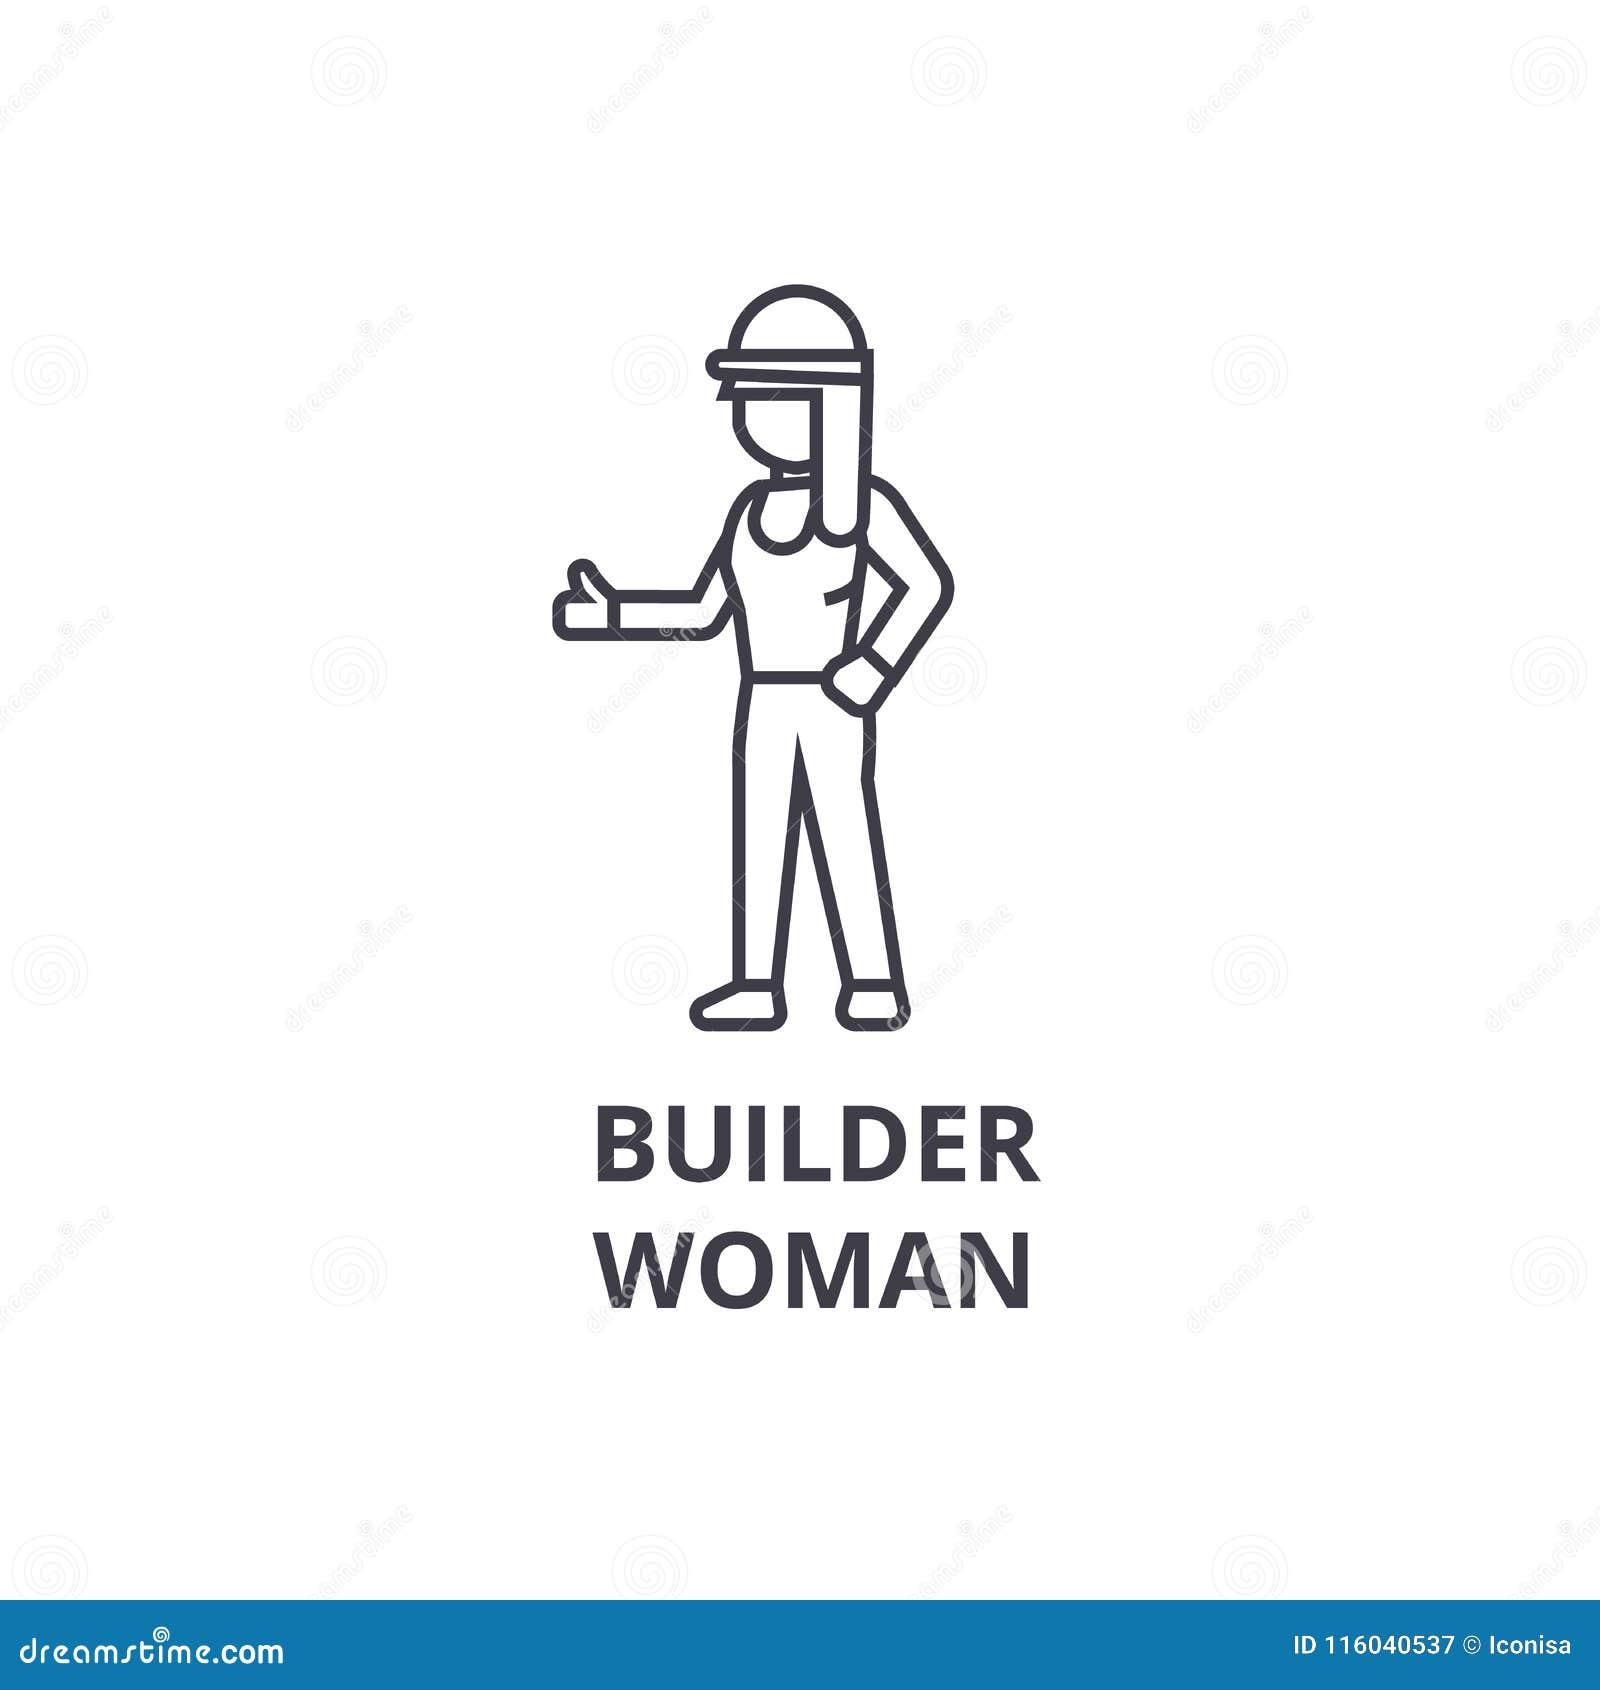 Διανυσματικό εικονίδιο γραμμών γυναικών οικοδόμων, σημάδι, απεικόνιση στο υπόβαθρο, editable κτυπήματα